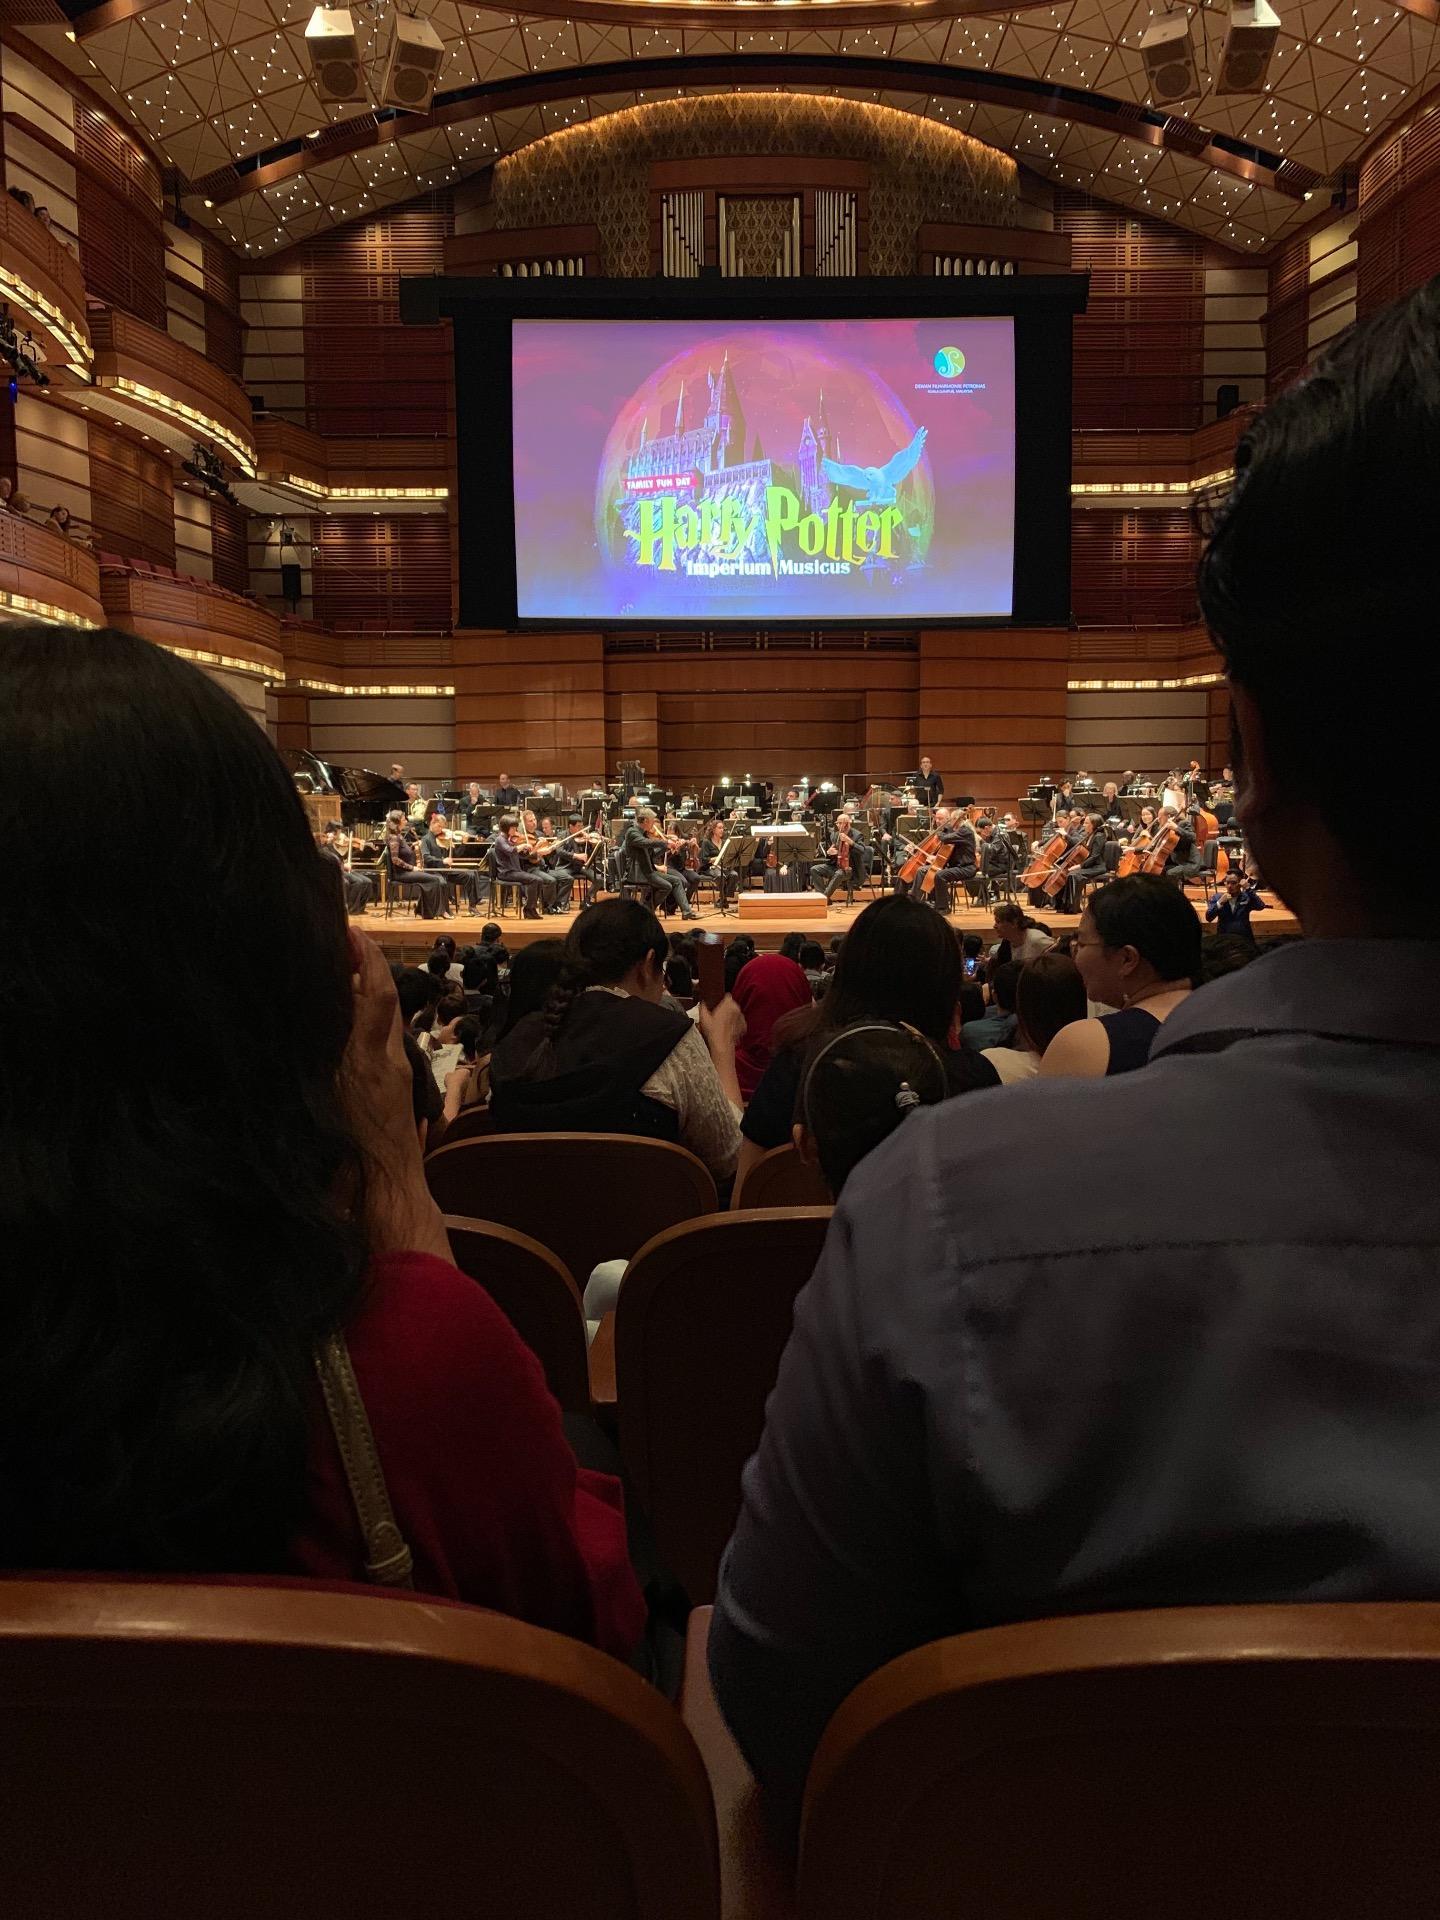 Dewan Filharmonik Petronas Sección Stalls Fila S Asiento 16